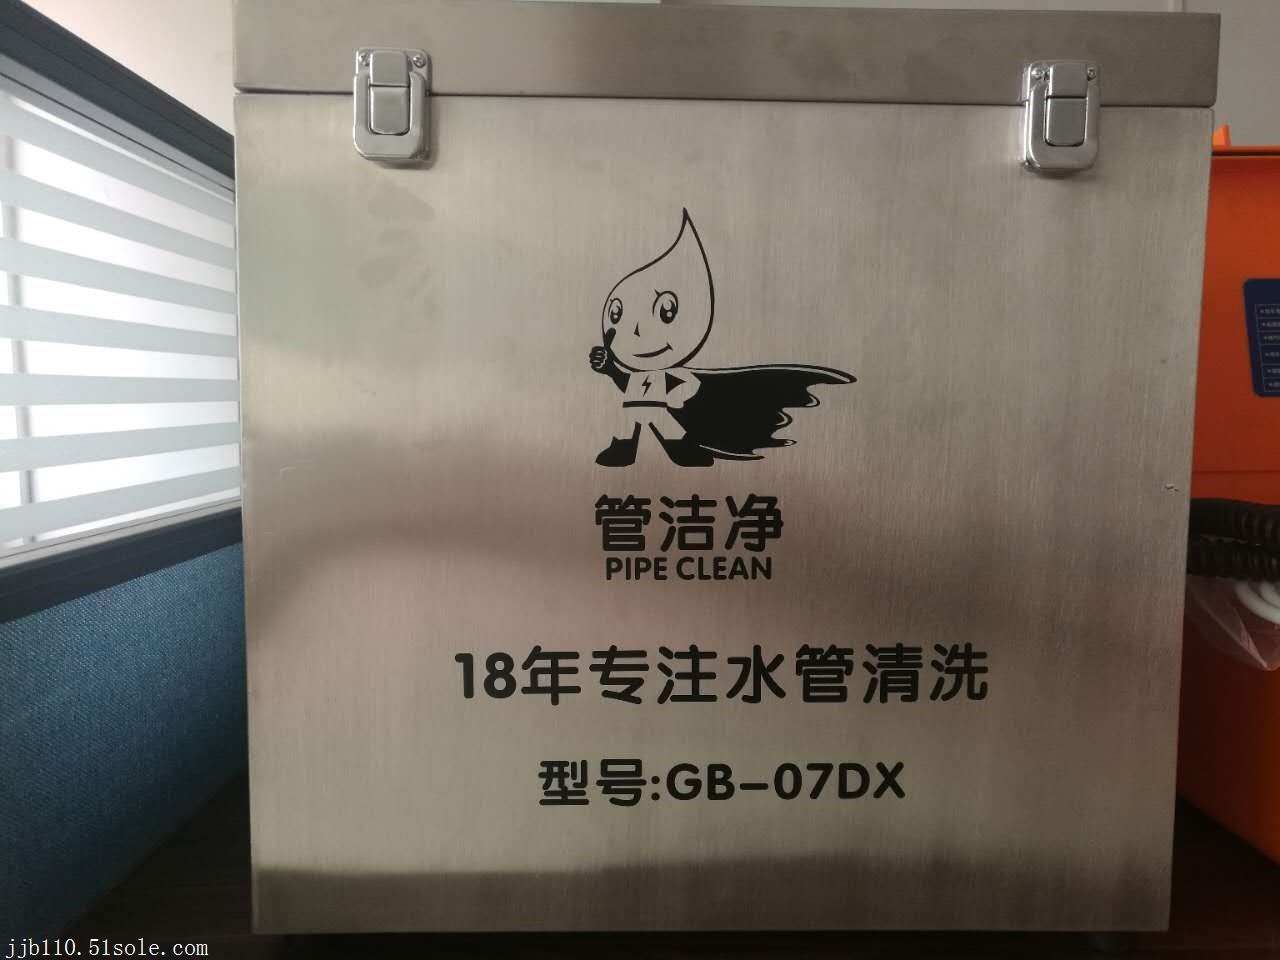 福建管洁净GB-05DX自来水管清洗设备多少钱(国内自主研发生产)